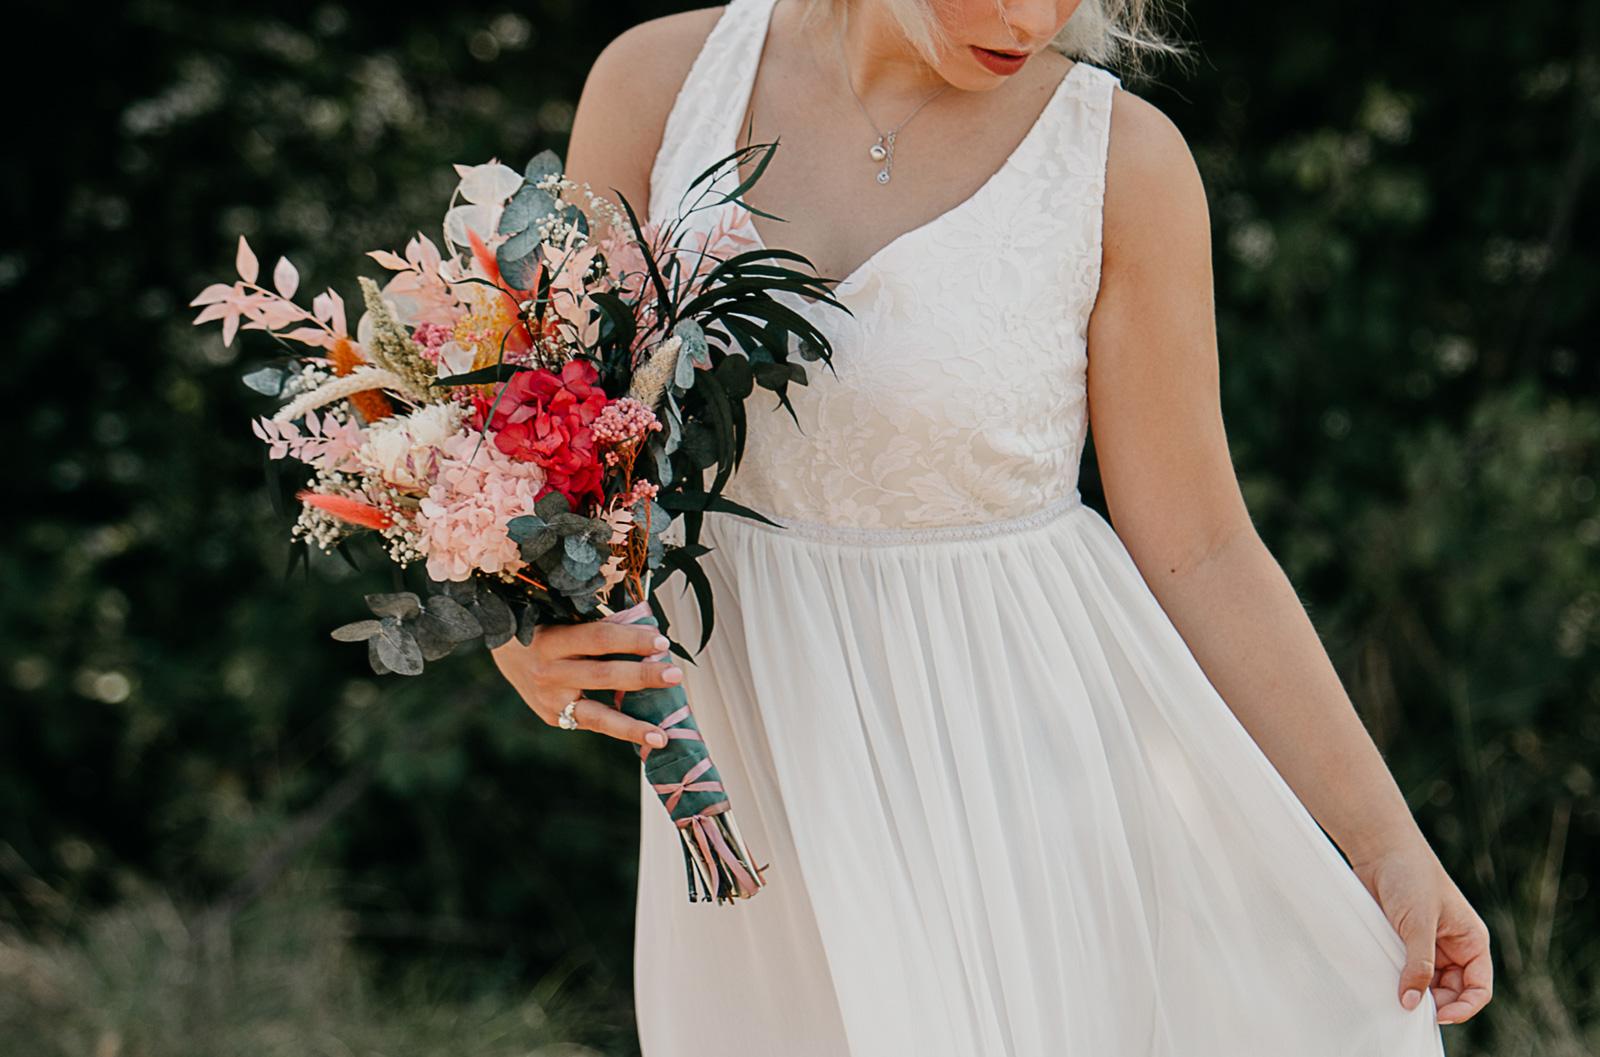 Trencadissa, rams de novia con flores naturales, te asesoramos y los diseñamos a medida